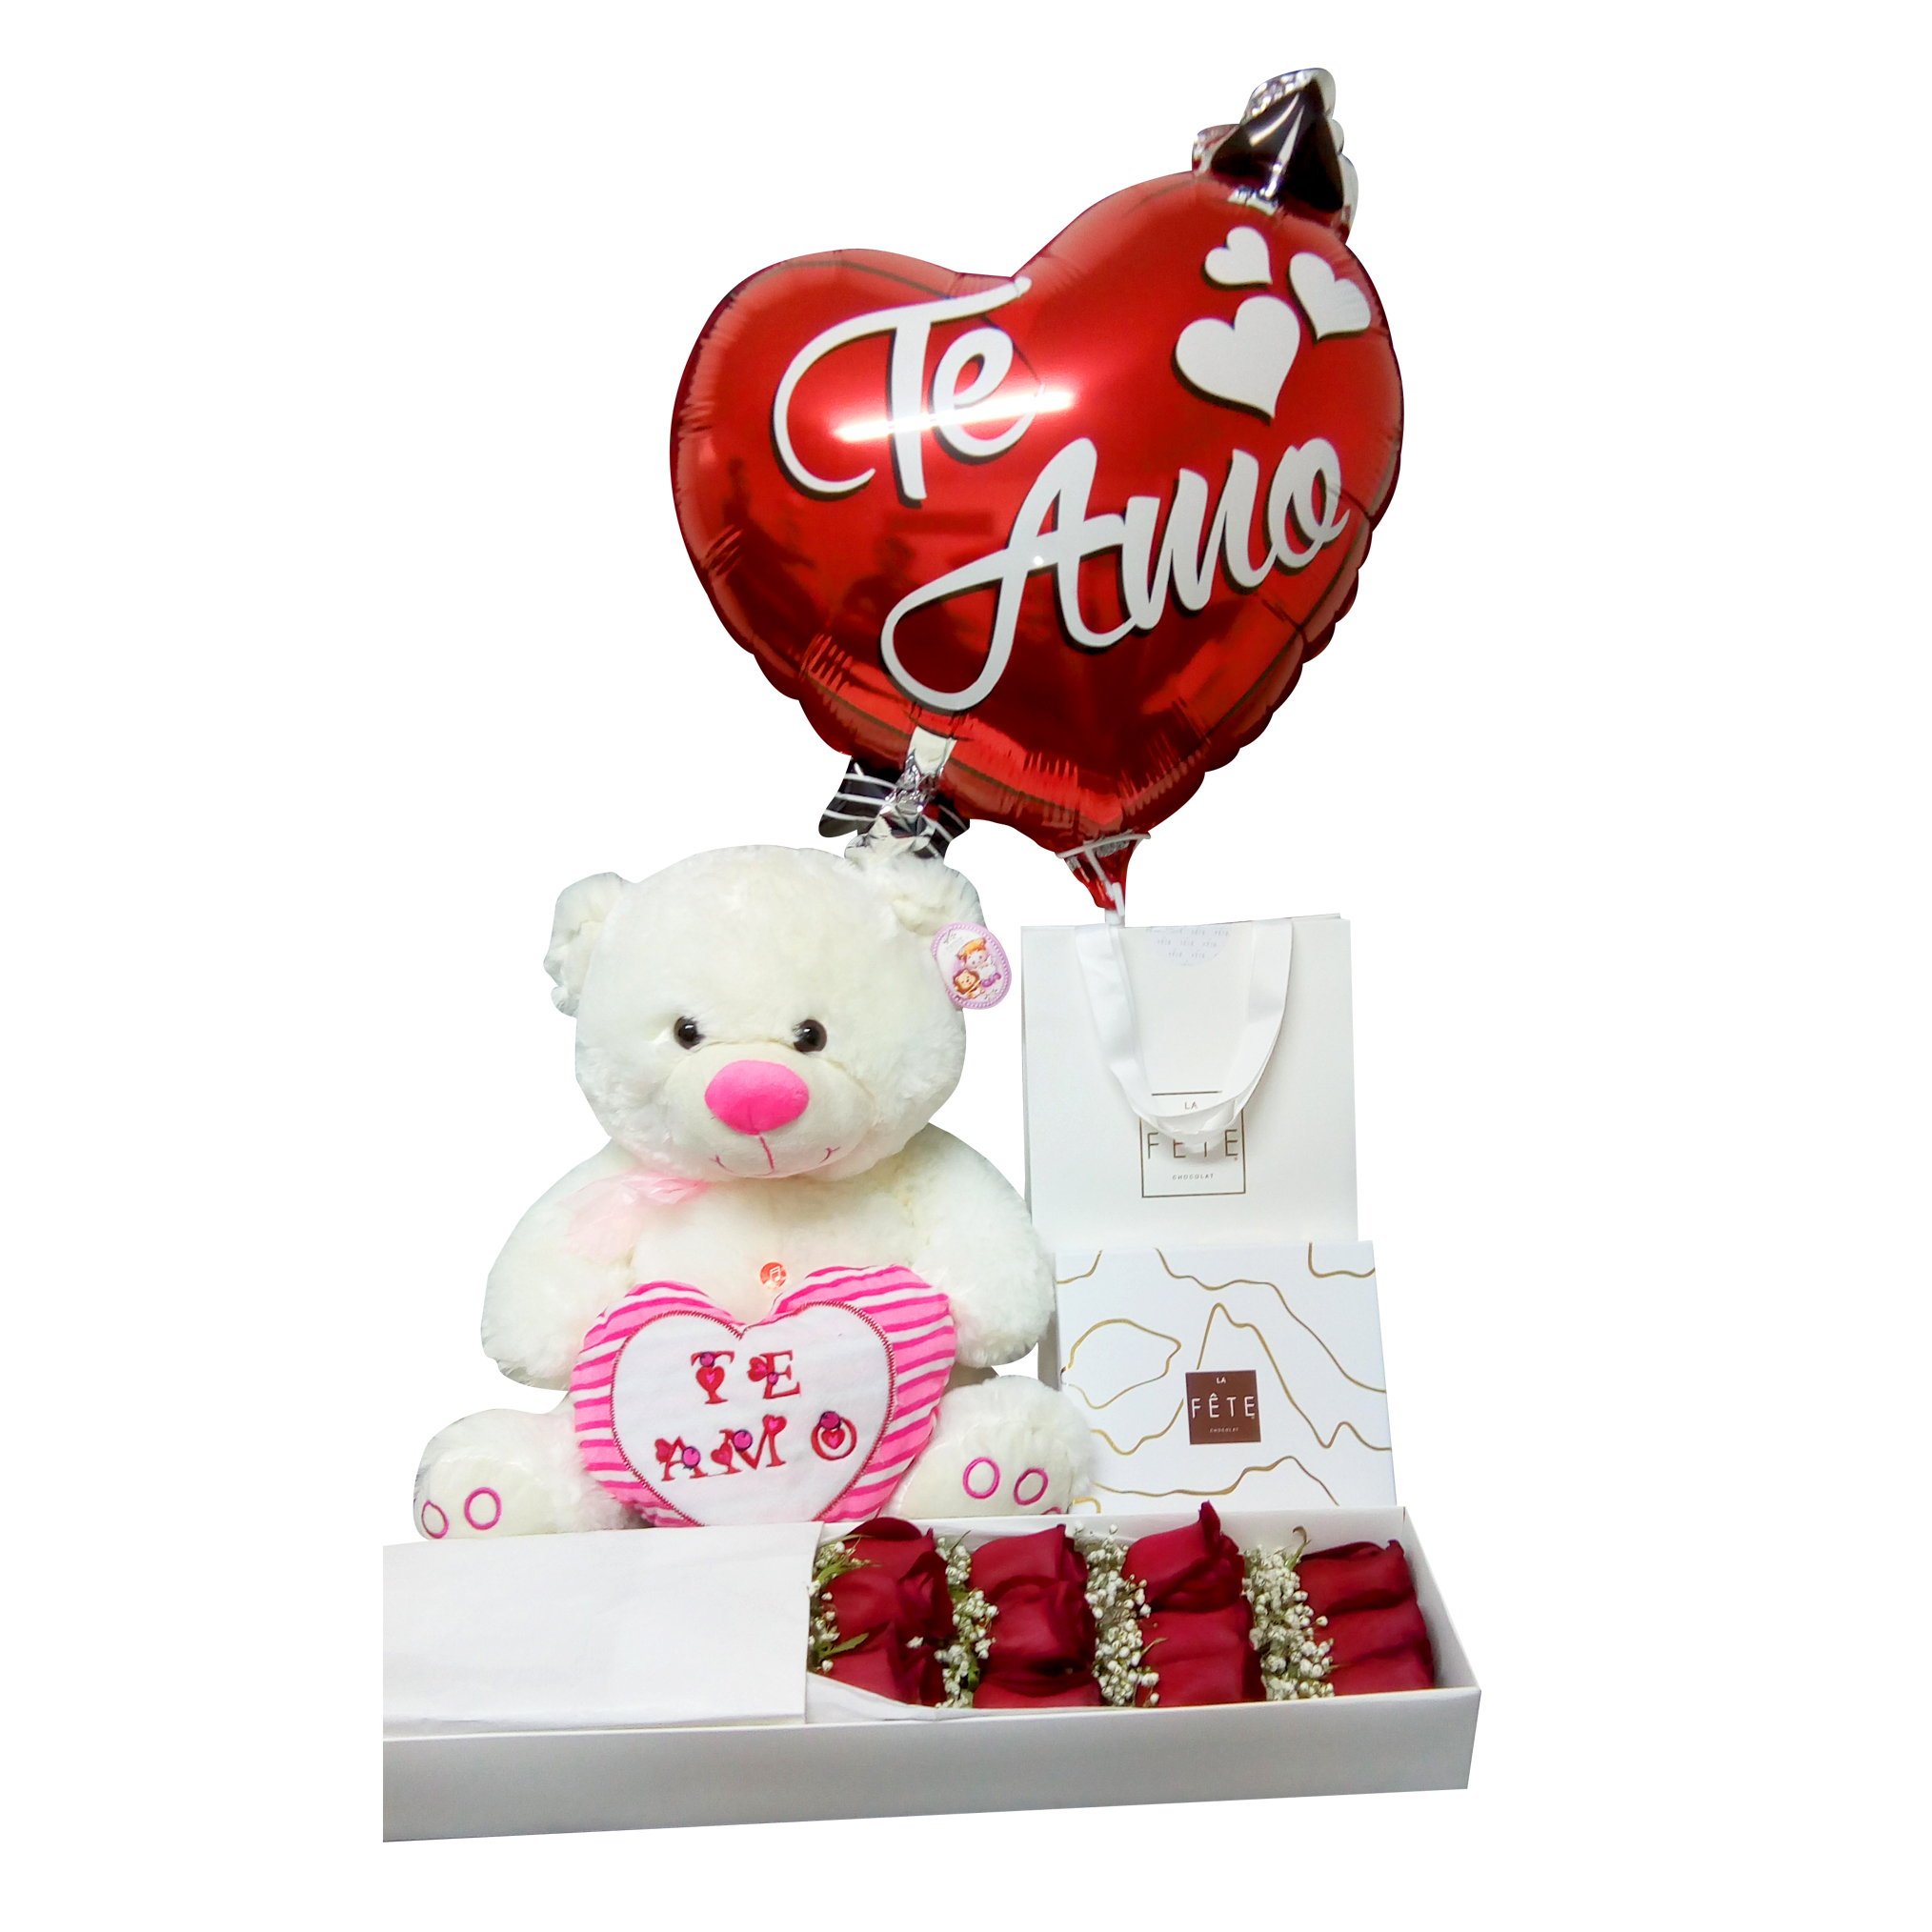 Caja de Rosas, Chocolates, Peluche y Globo